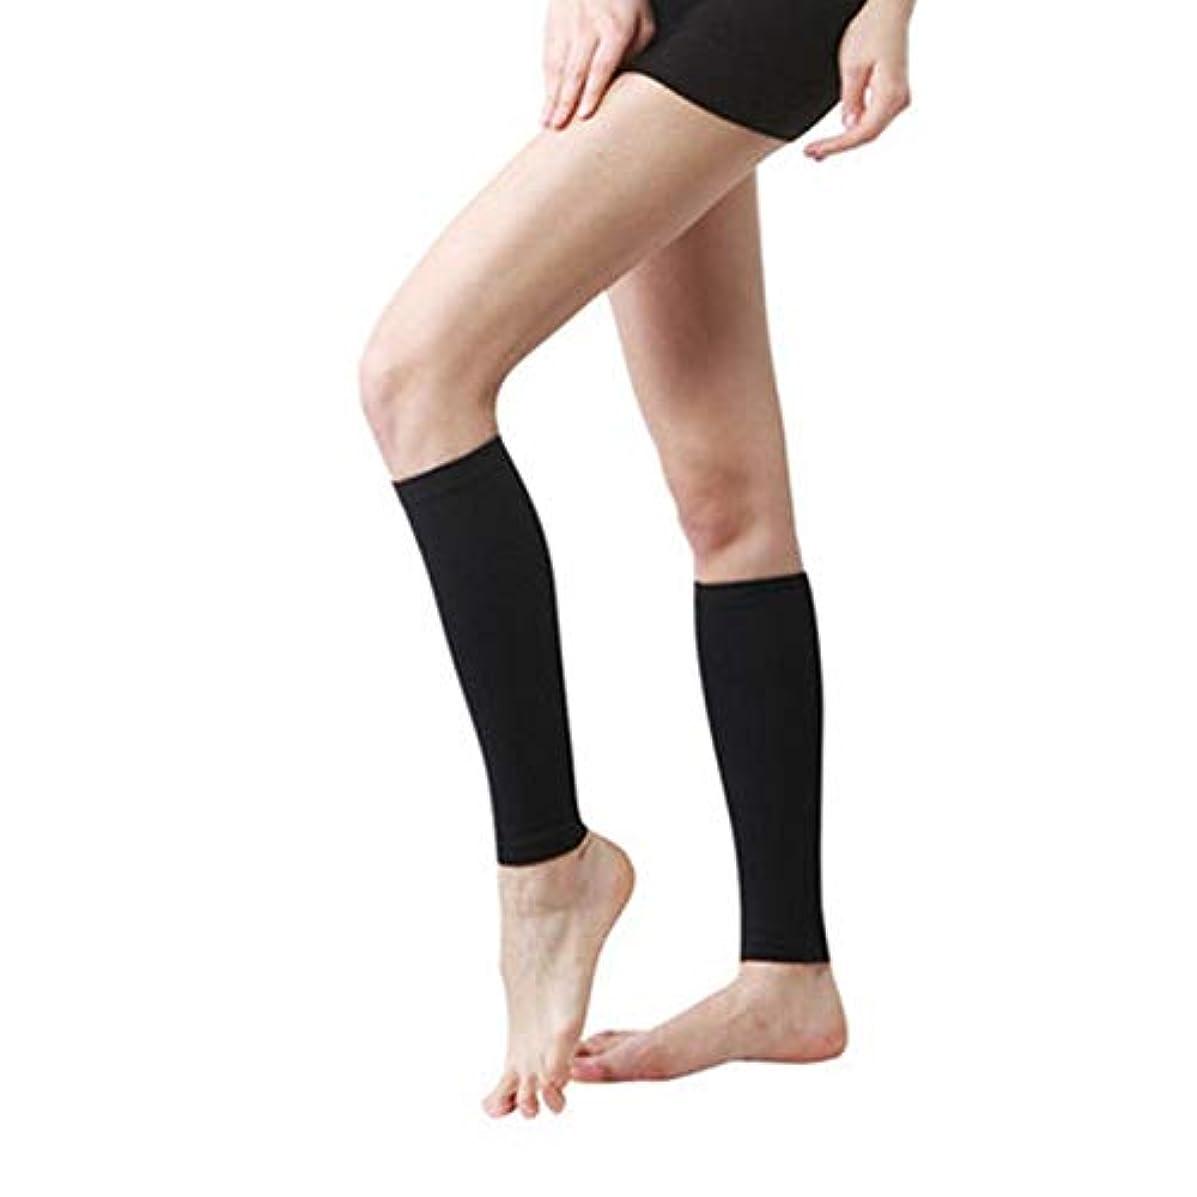 ハッピー医師ロマンス丈夫な男性女性プロの圧縮靴下通気性のある旅行活動看護師用シンススプリントフライトトラベル - ブラック